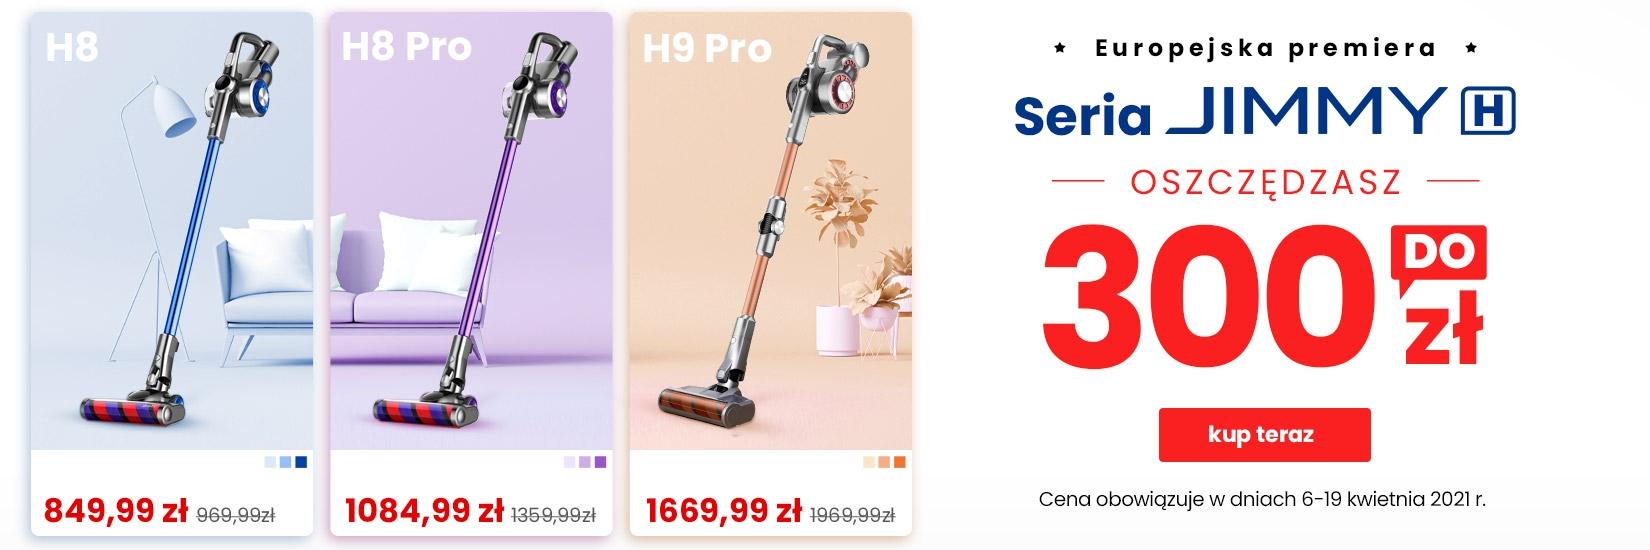 Promocyjne ceny dostawy UE JIMMY, zaczynające się od JEDYNIE 849,99zł. JIMMY H9 Pro, najsilniejszy odkurzacz bezprzewodowy - kupon rabatowy na 300zł - oferta limitowana. Jimmy H8 Pro 1084,99zł, długa praca na jednym ładowaniu. JIMMY H8 849,99zł